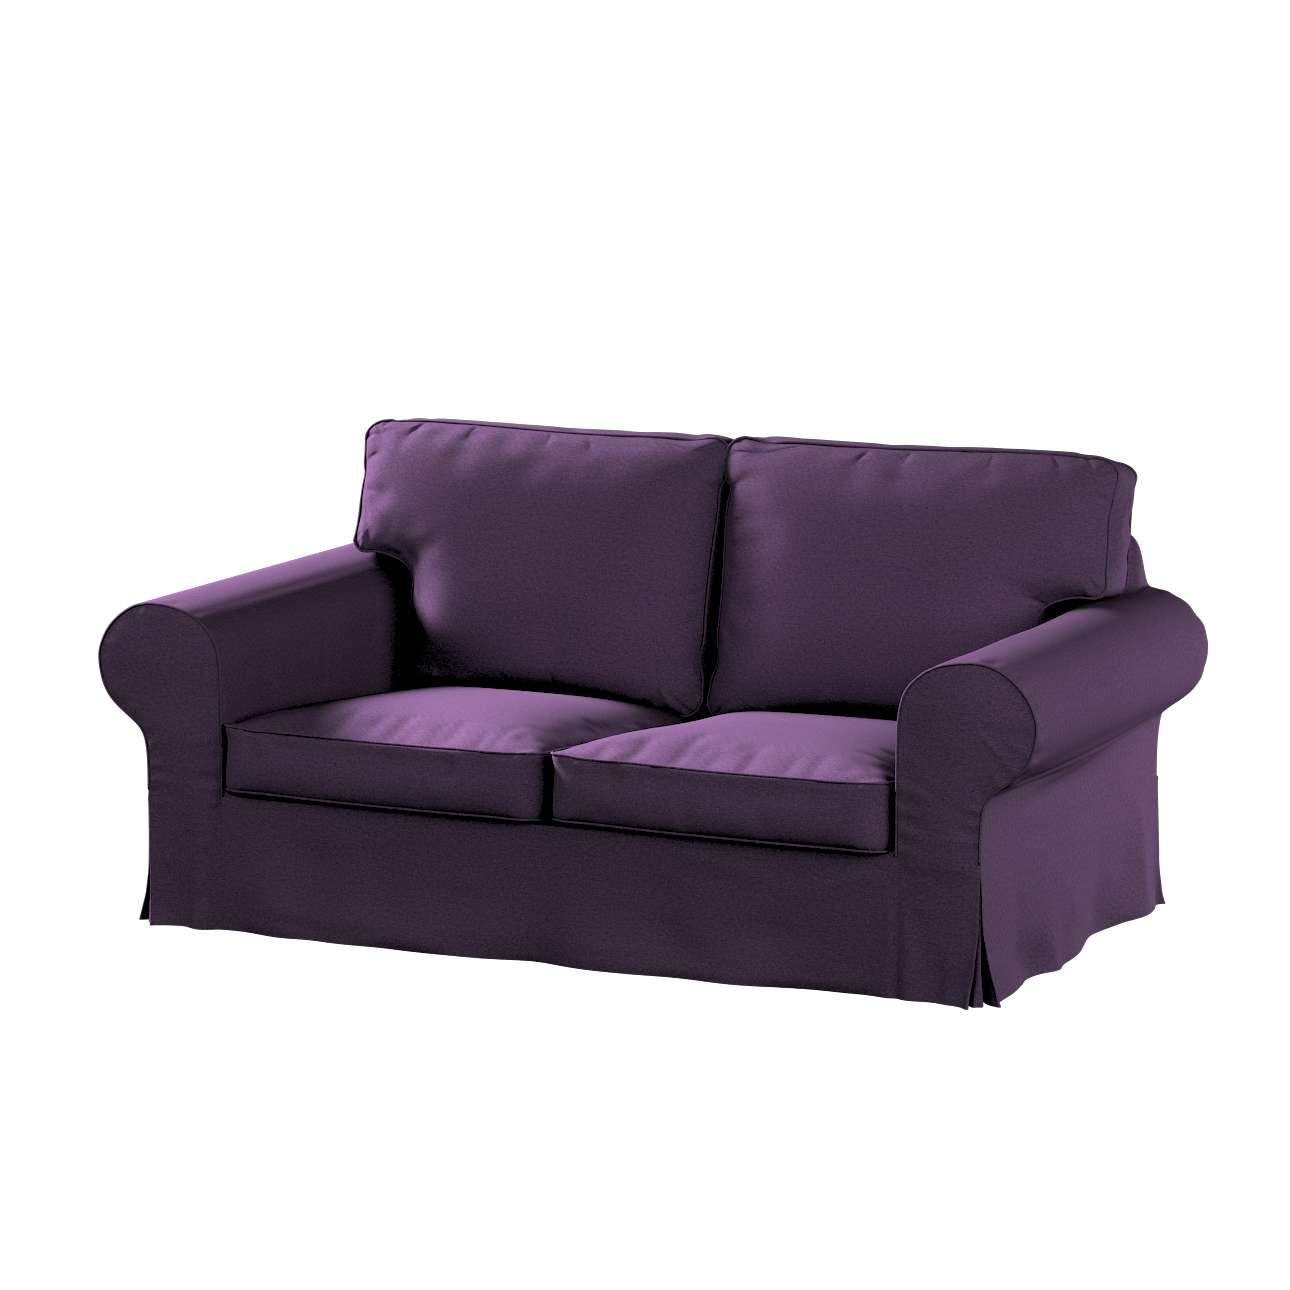 Pokrowiec na sofę Ektorp 2-osobową rozkładaną, model po 2012 w kolekcji Etna, tkanina: 161-27